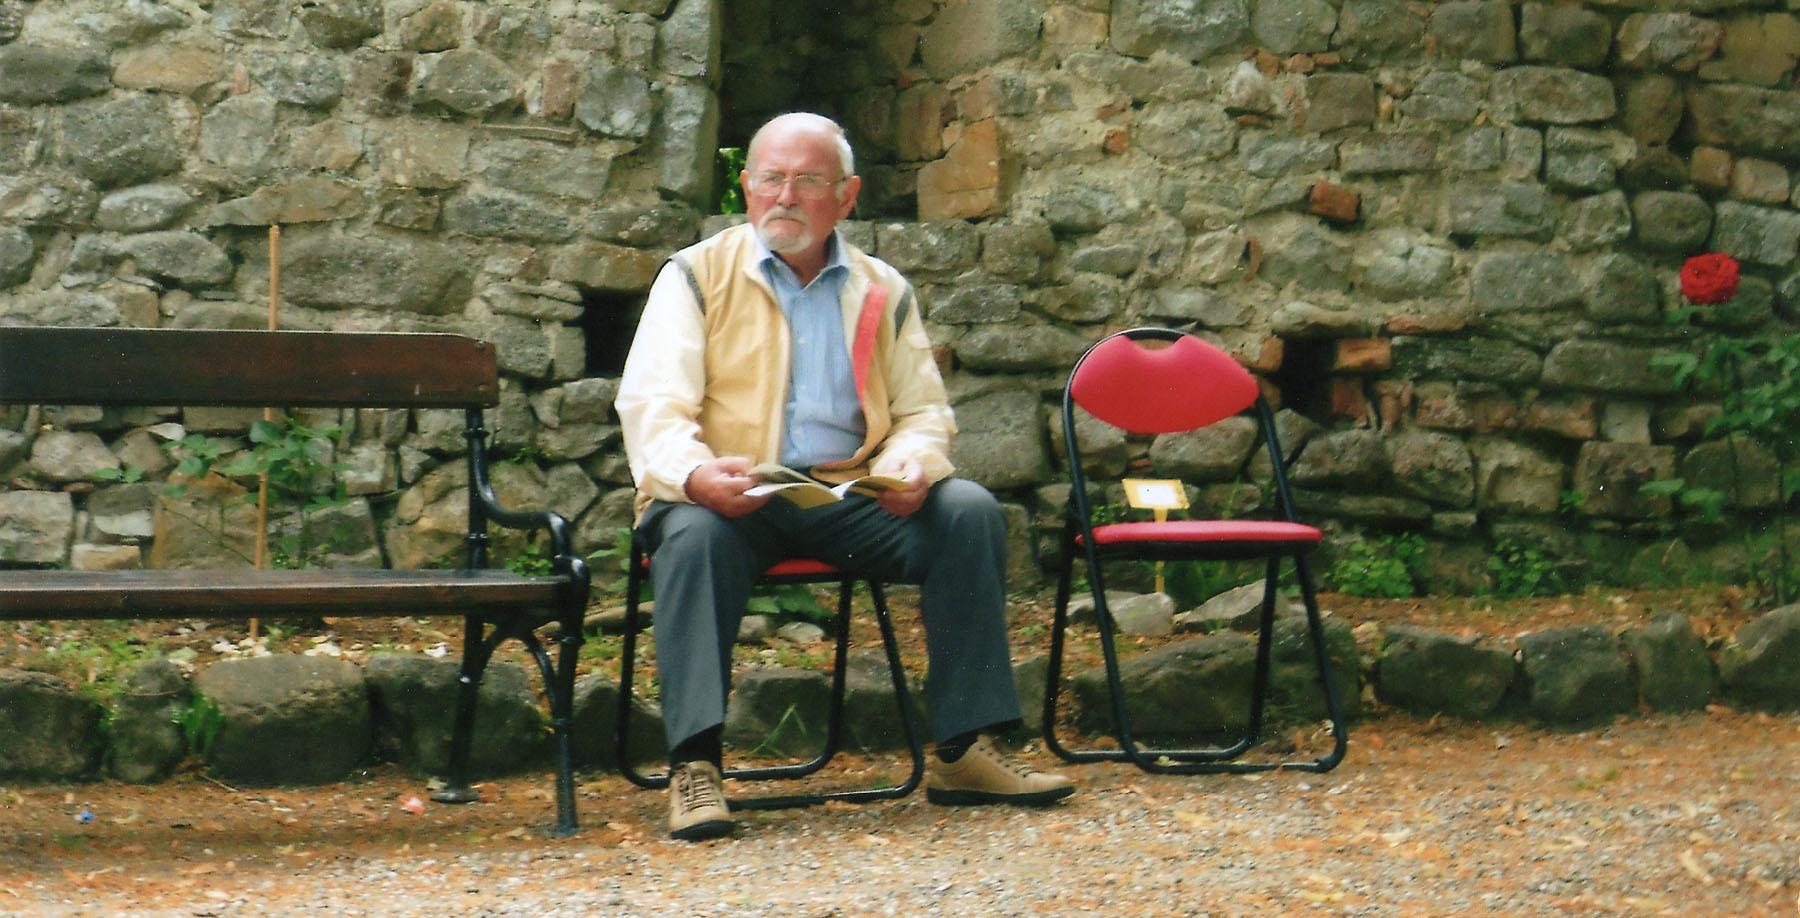 28.7.2018 Ricordo di LUIGI MARINI, poeta dall'animo semplice che cantava i sentimenti buoni, l'amicizia, i grandi valori dell'Uomo e la memoria del tempo passato